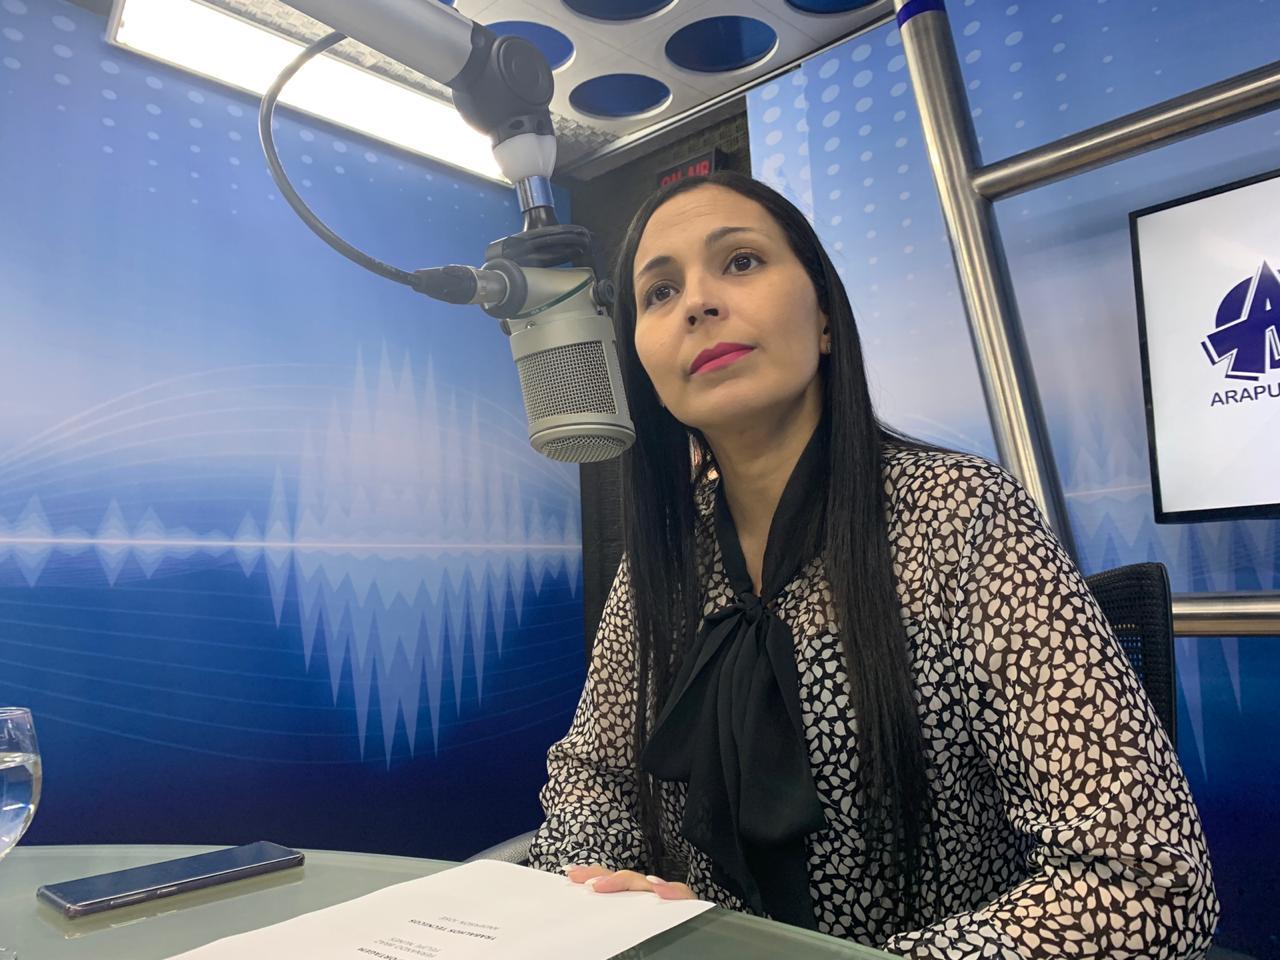 aline arruda psicóloga arapuan verdade - 'As fake news podem iniciar-se numa compulsão de espalharem notícias falsas', afirma psicóloga Aline Arruda